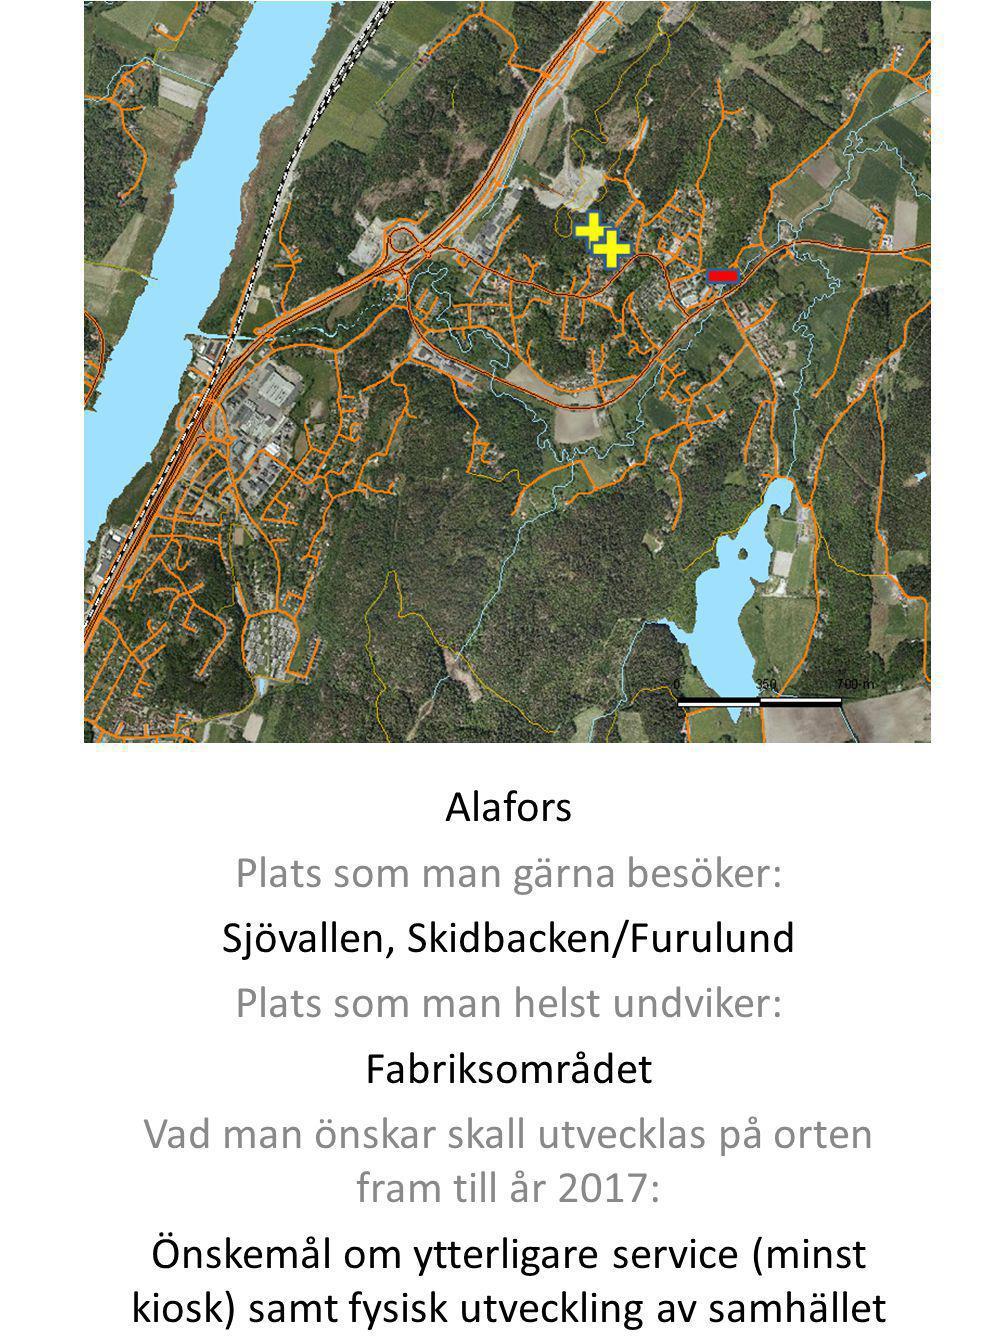 Plats som man gärna besöker: Sjövallen, Skidbacken/Furulund